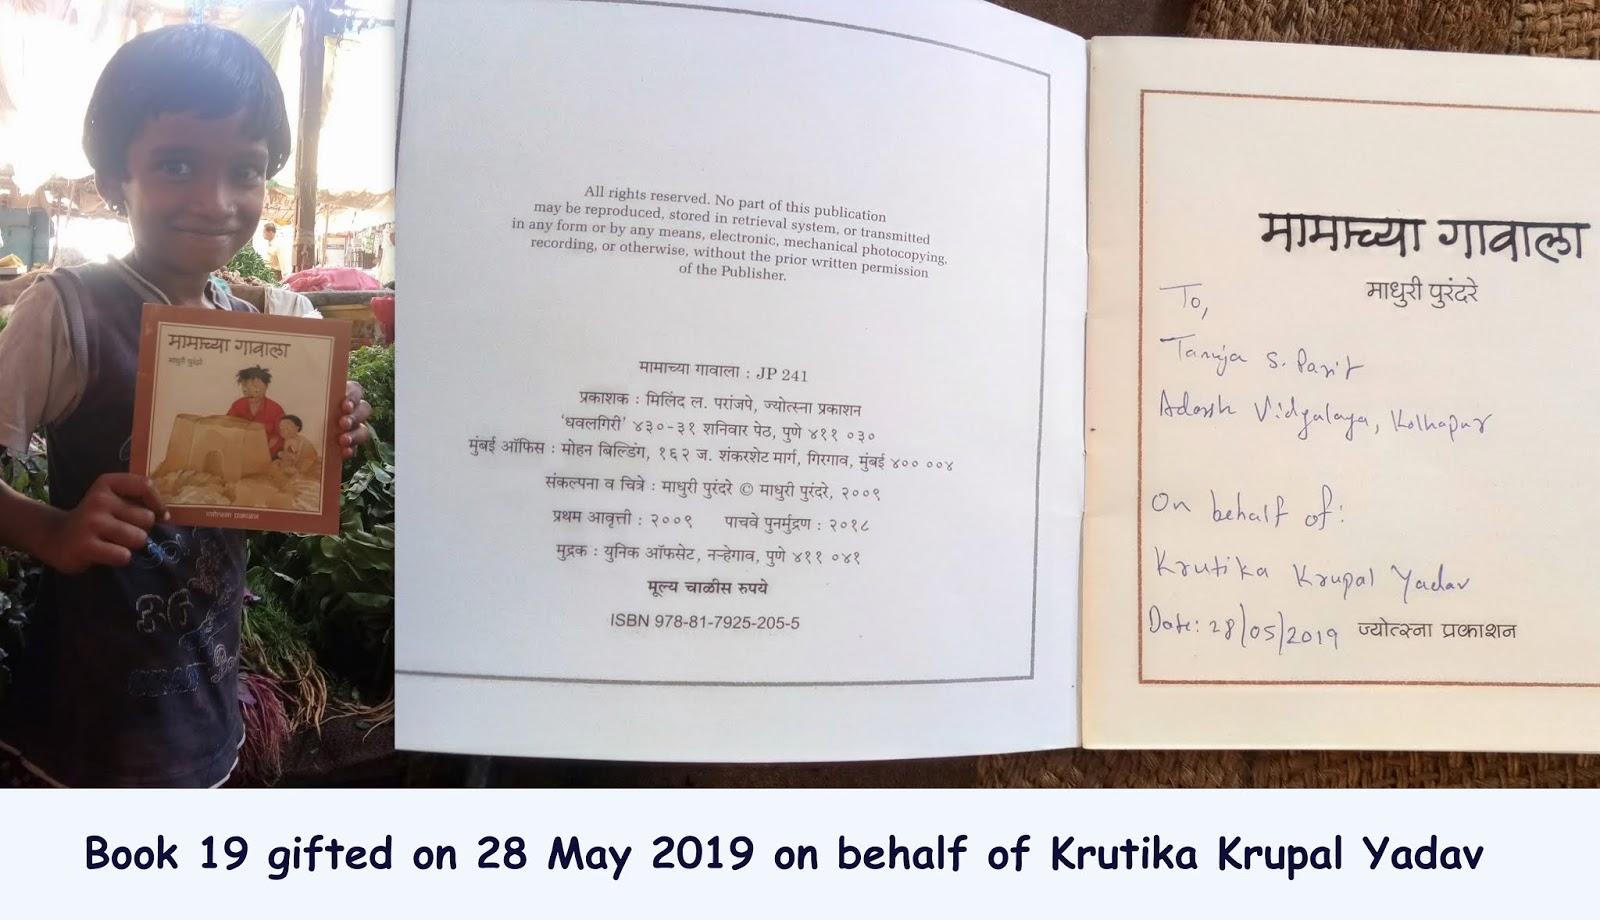 Gift of Books - Krutika Krupal Yadav